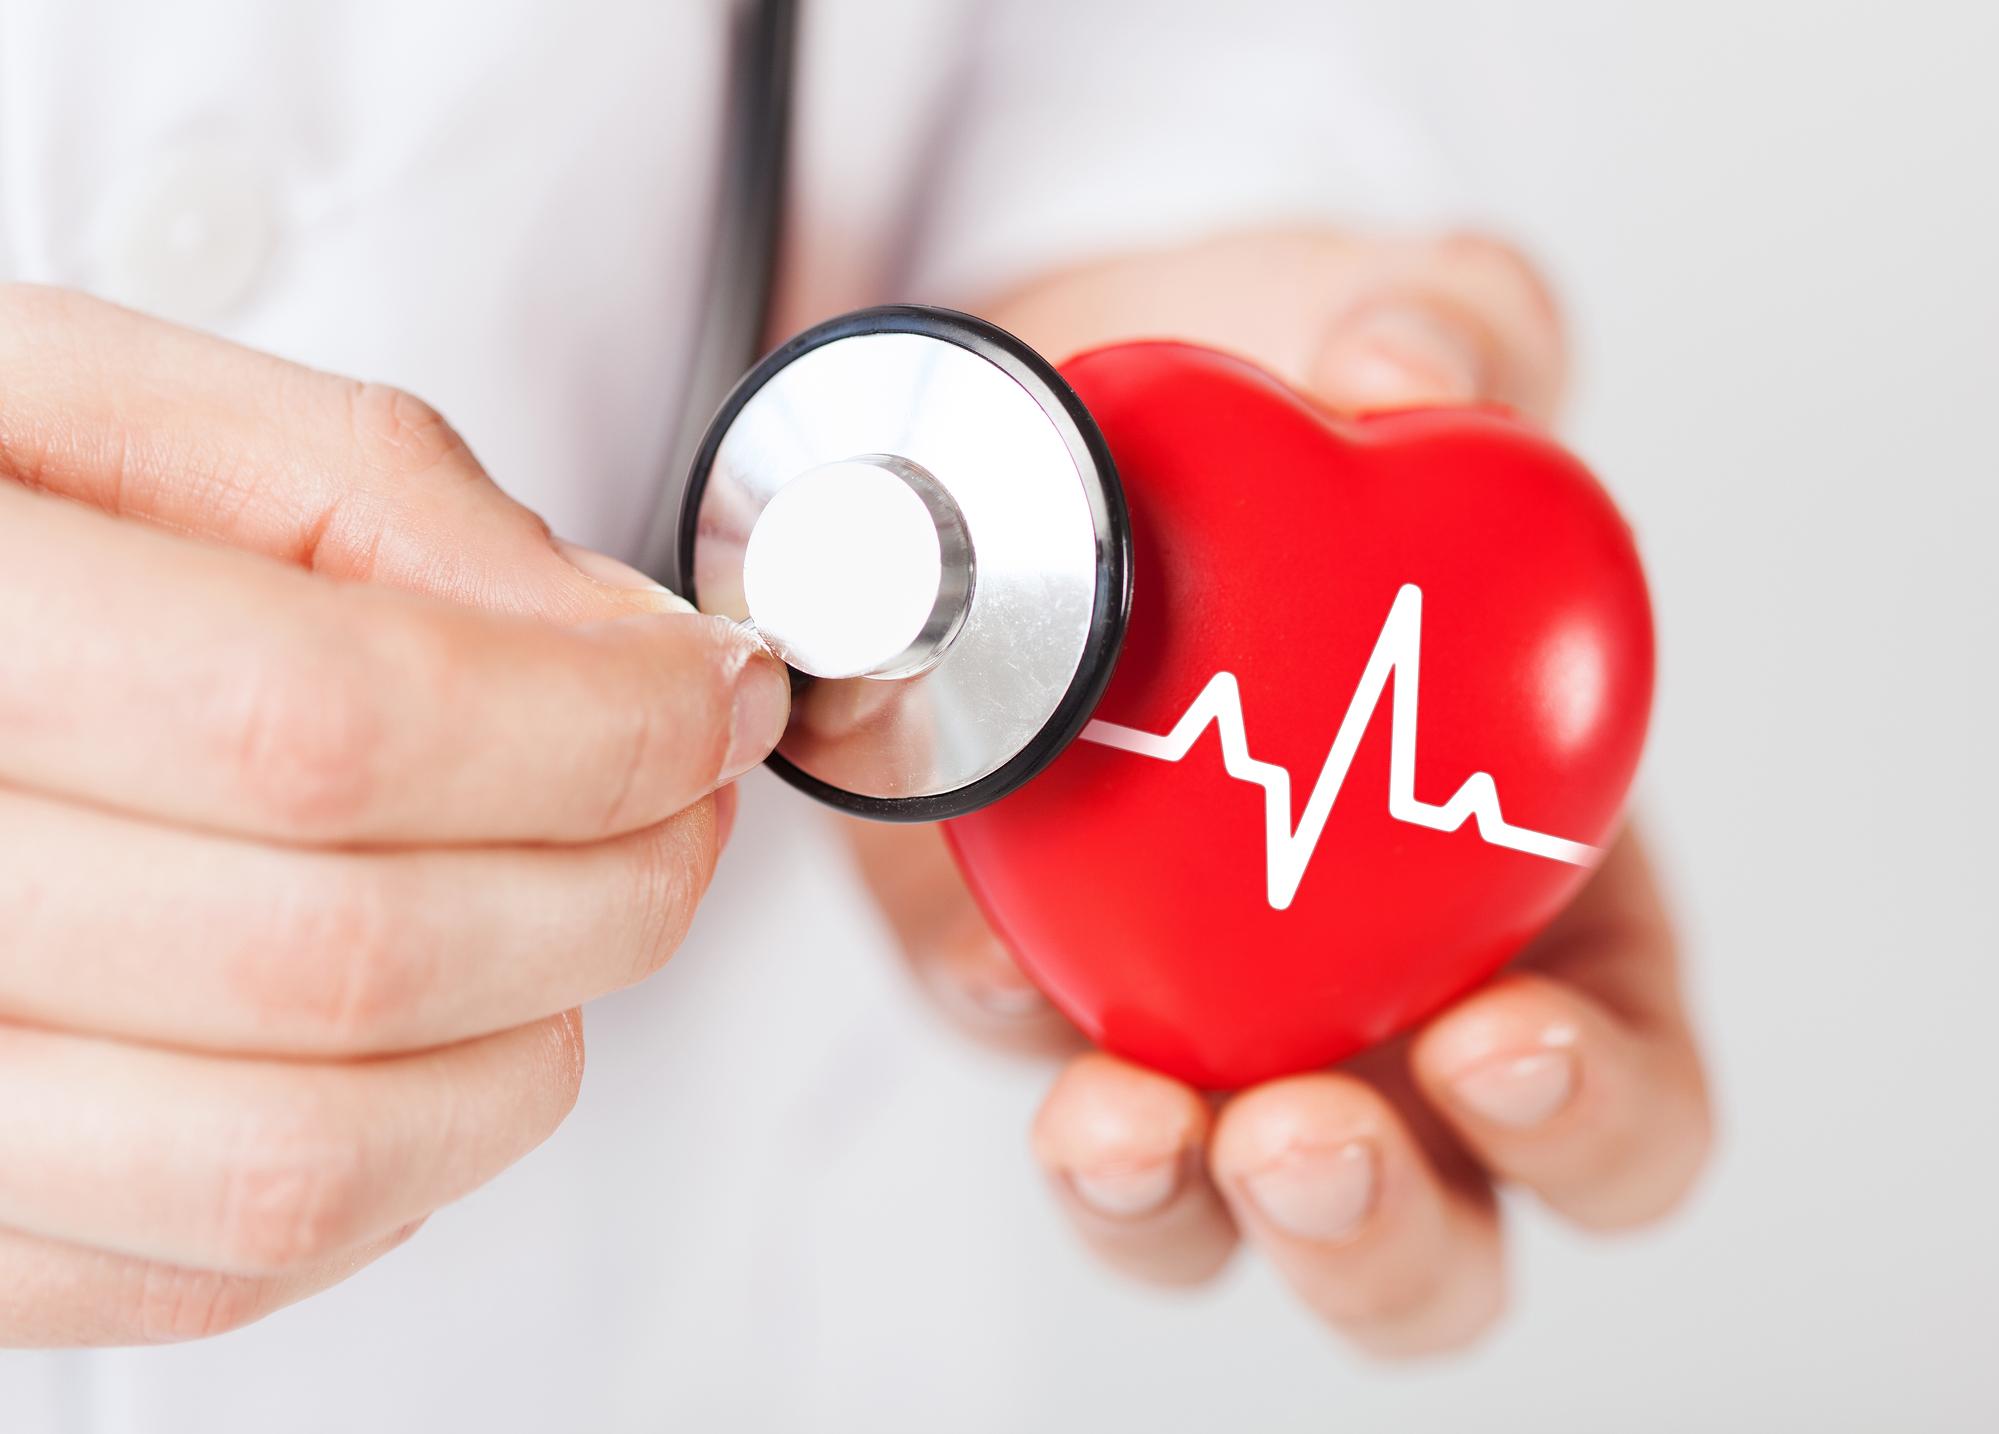 Кардиолог ответил на популярные вопросы о здоровье сердца